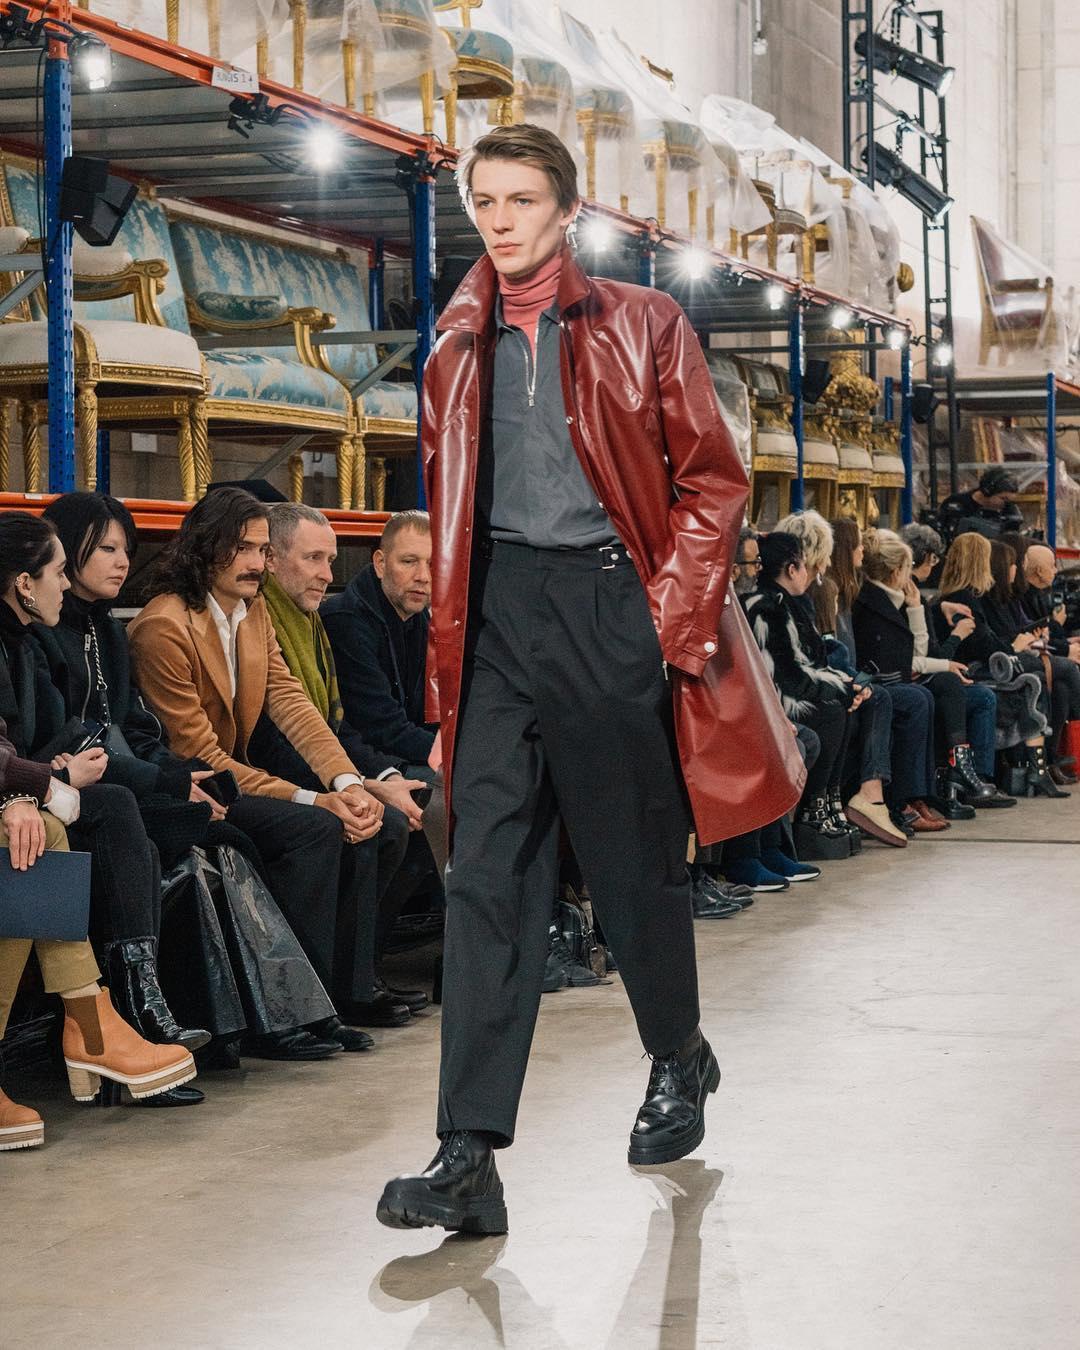 Hermès - Perfecto de cuir ultra chic, veste smart avec coupe morderne. Manteau Rouge Hermès fait de cuir ciré. Parka confort et bien taillée. Veste en laine aux poches asymétriques. L'homme Hermès va droit à l'essentiel.